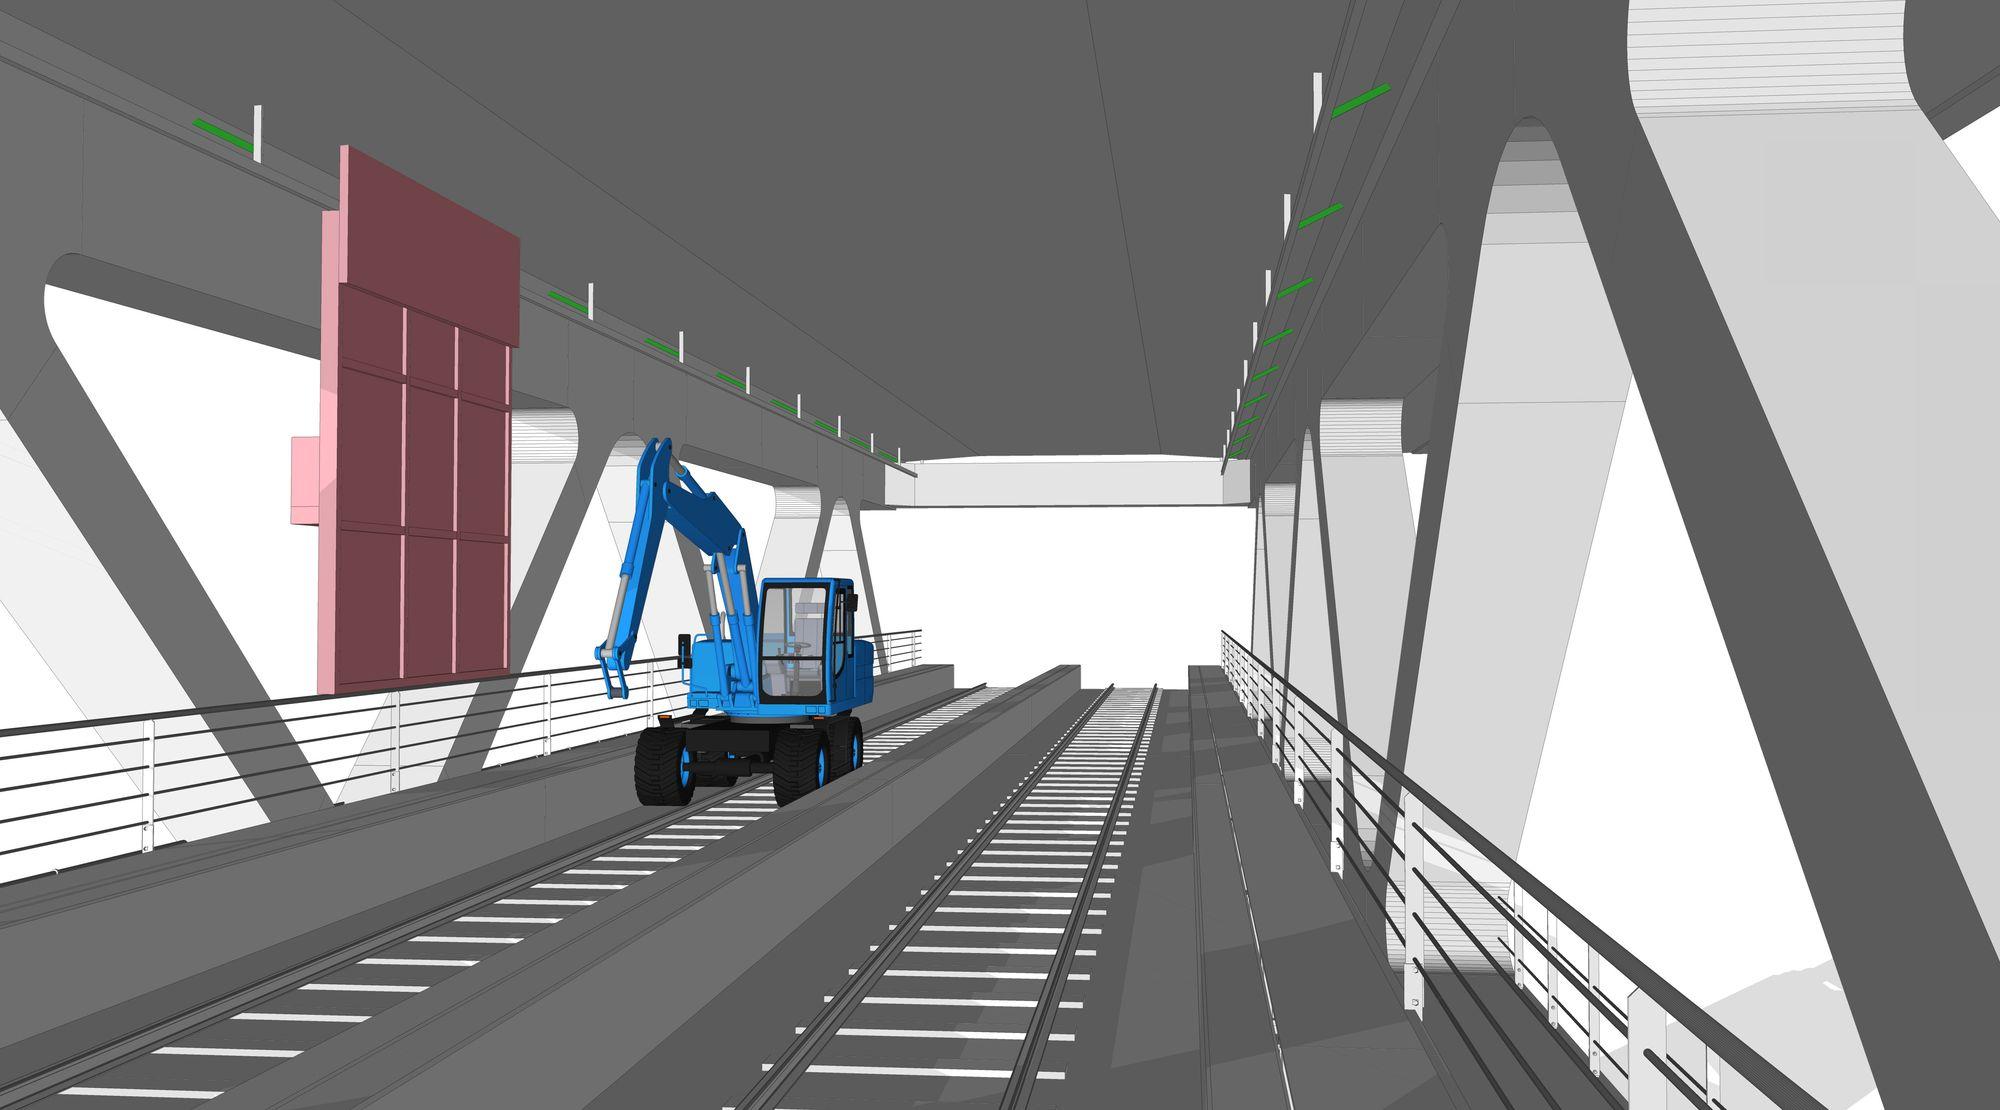 Krevende: To toglinjer går mellom de sikksakk-formede stålkonstruksjonene, inkludert en 26.000 volts kjøreledning. Malerobotene må skjermes fra spenningen og kjørende tog, samtidig som togene må skjermes fra å bli sprayet med maling.